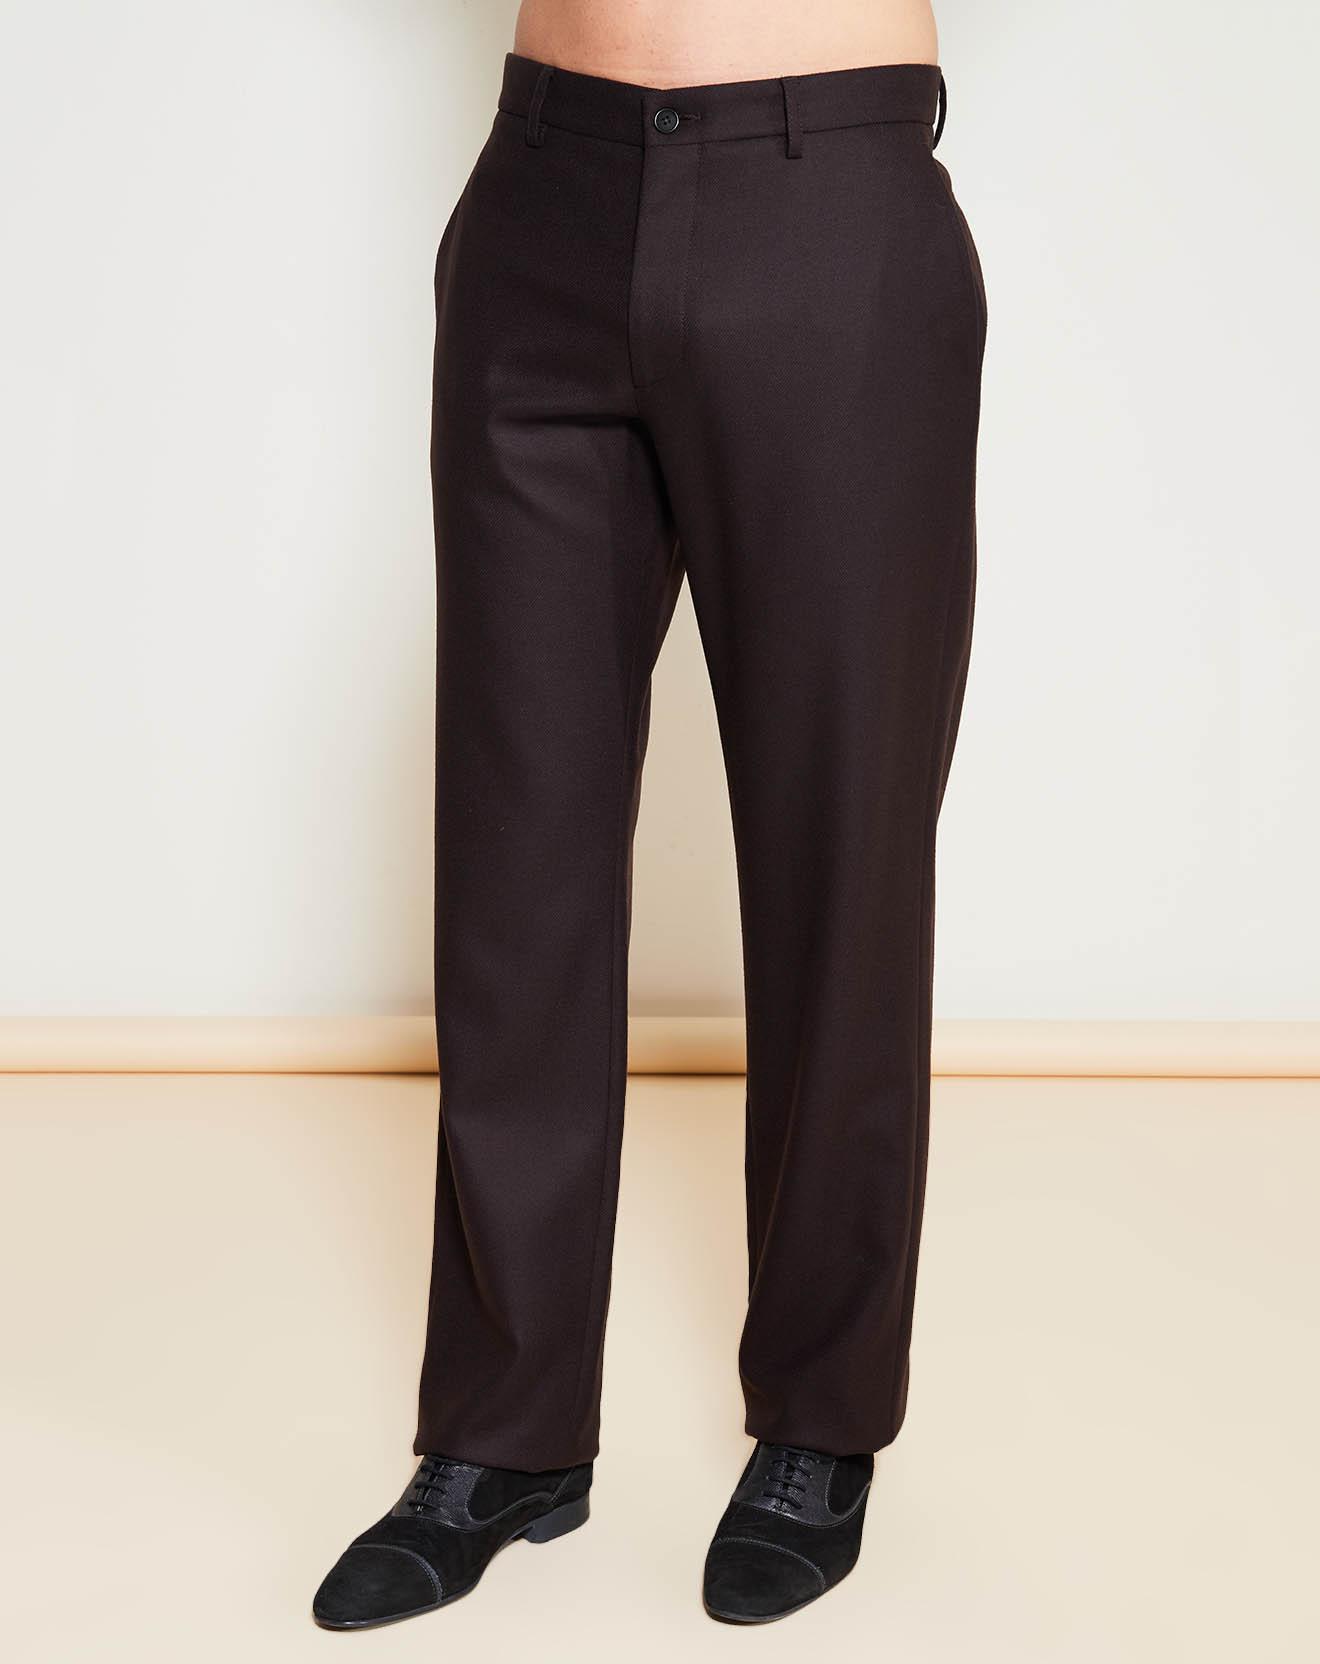 Pantalon coupe évasée en Laine mélangée marron